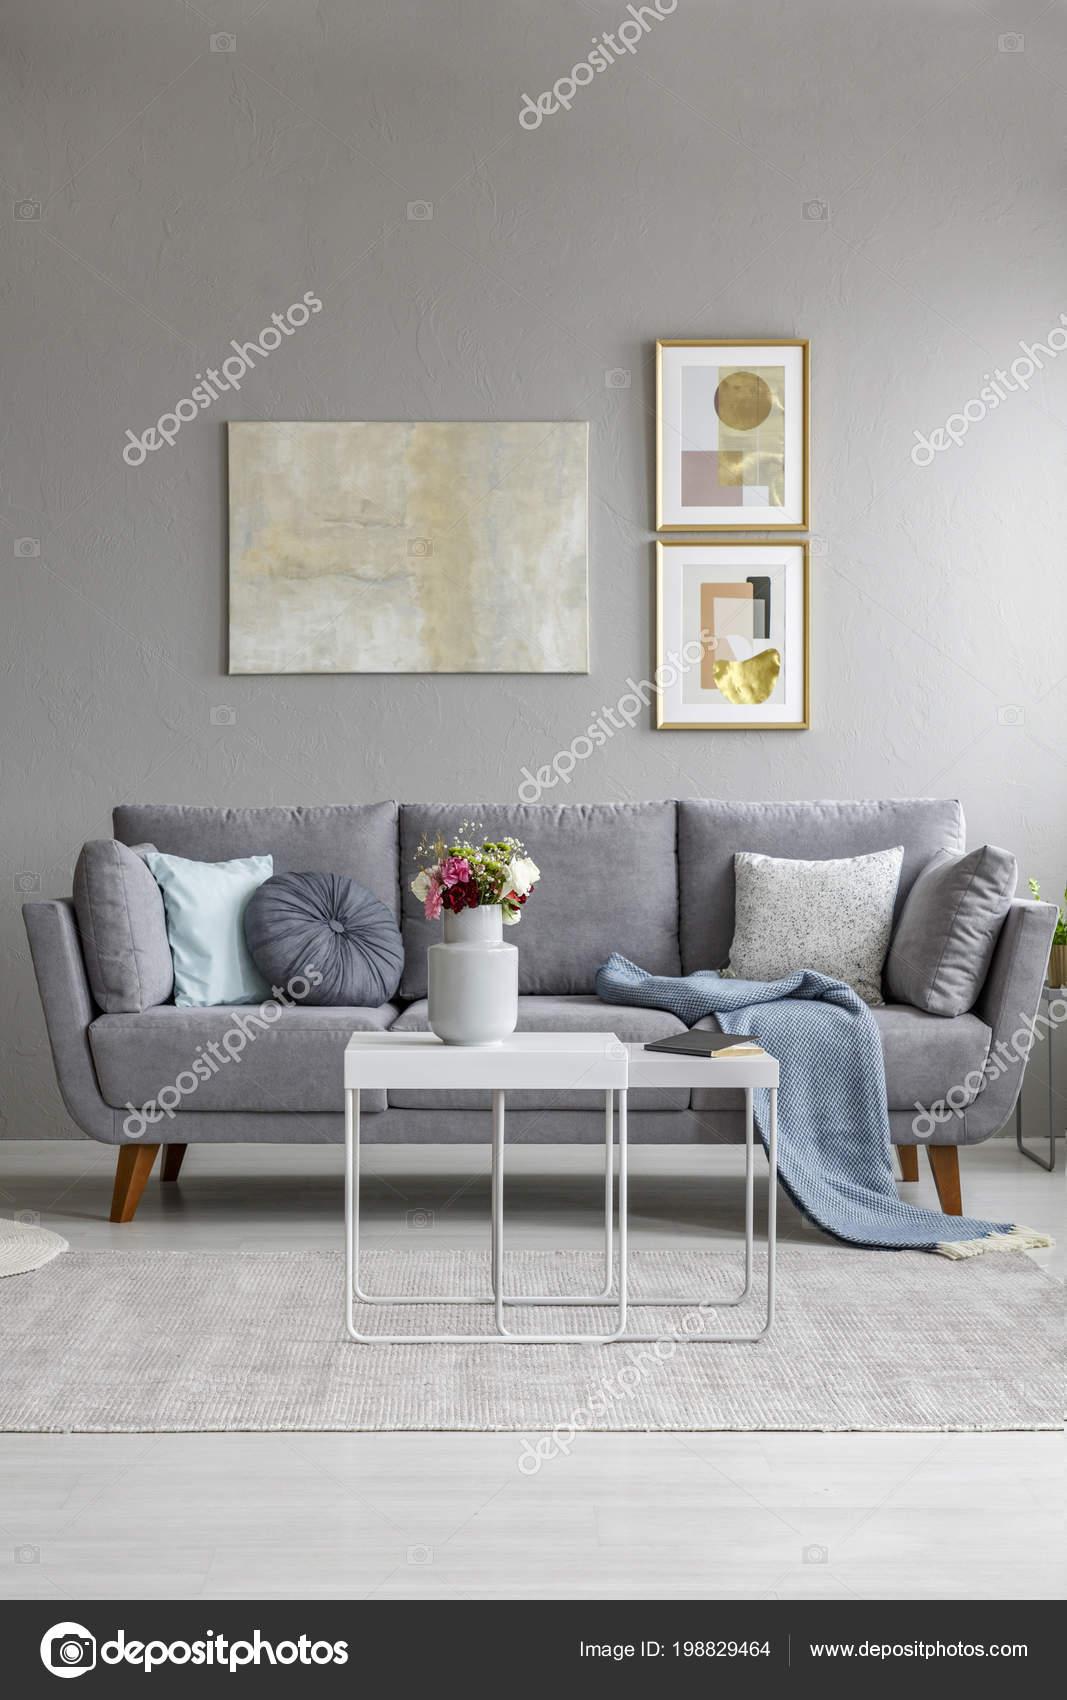 Blumen tisch vor graue couch wohnzimmer interieur mit poster der stockfoto - Poster wohnzimmer ...